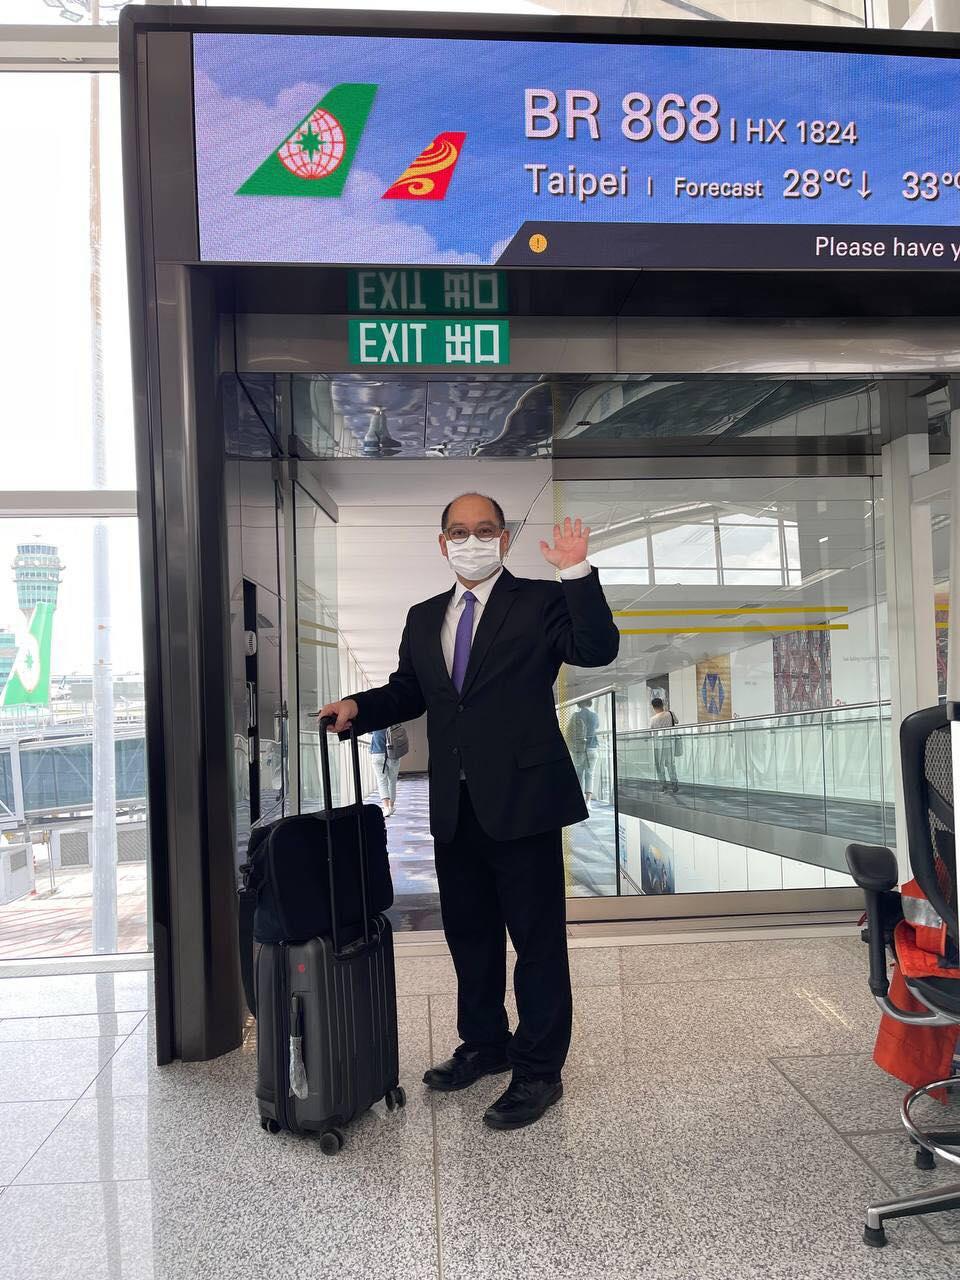 台灣陸委會公布最後一名台北辦台灣駐港官員、經濟組組長倪伯嘉於7月31日回台。(陸委會圖片)